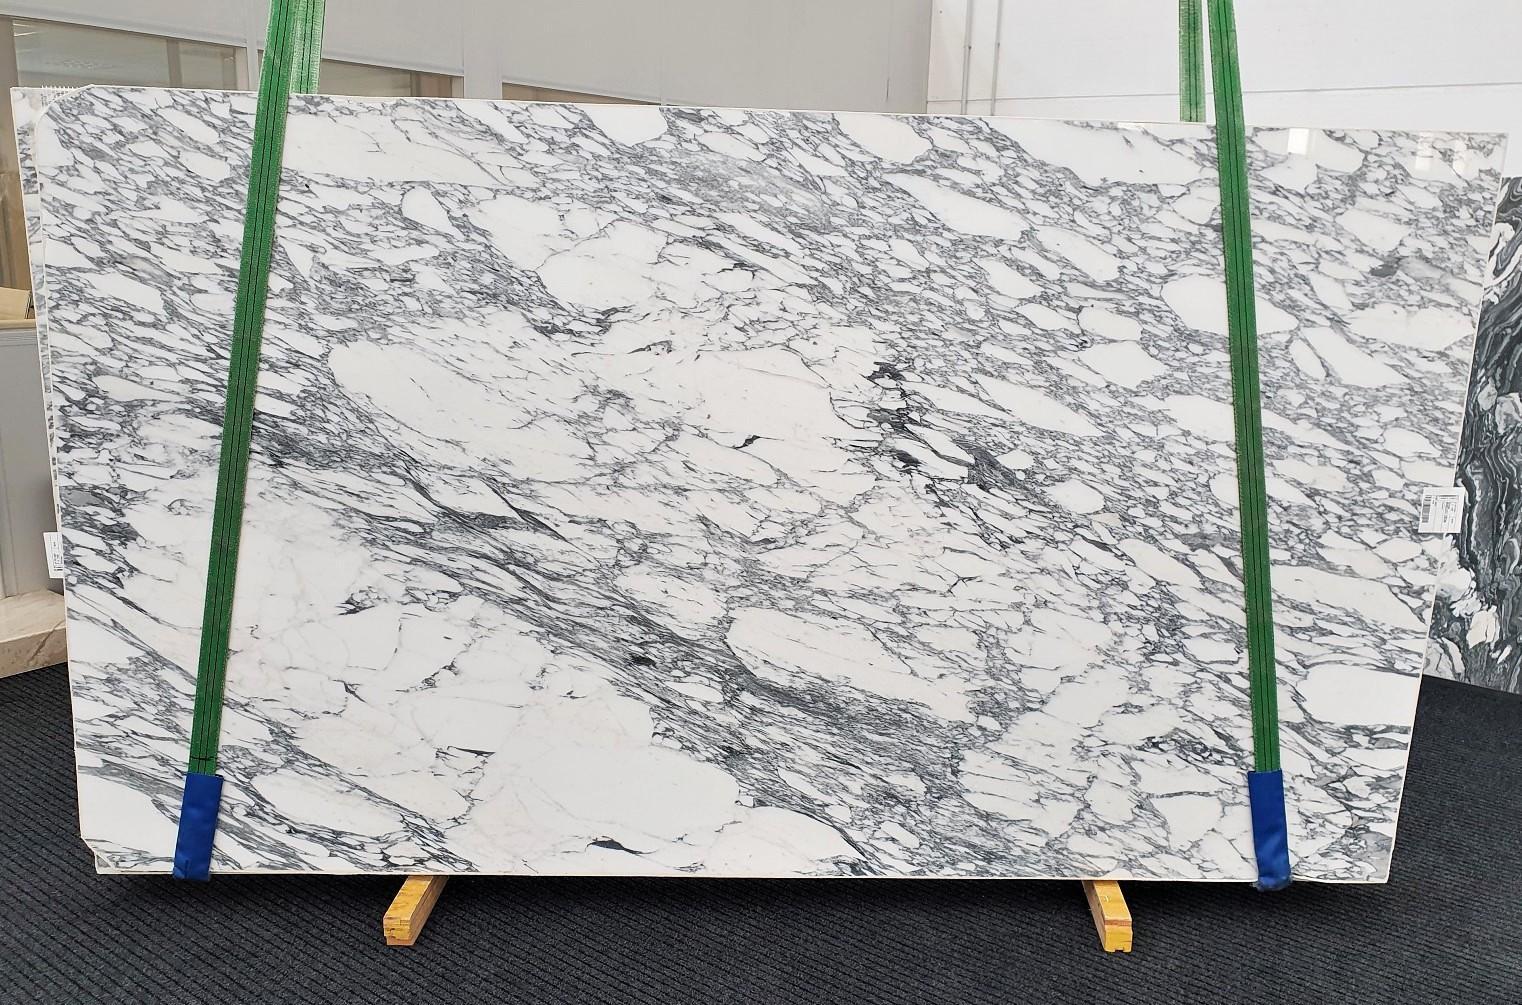 ARABESCATO CORCHIA Suministro Veneto (Italia) de planchas pulidas en mármol natural 1420 , Slab #35